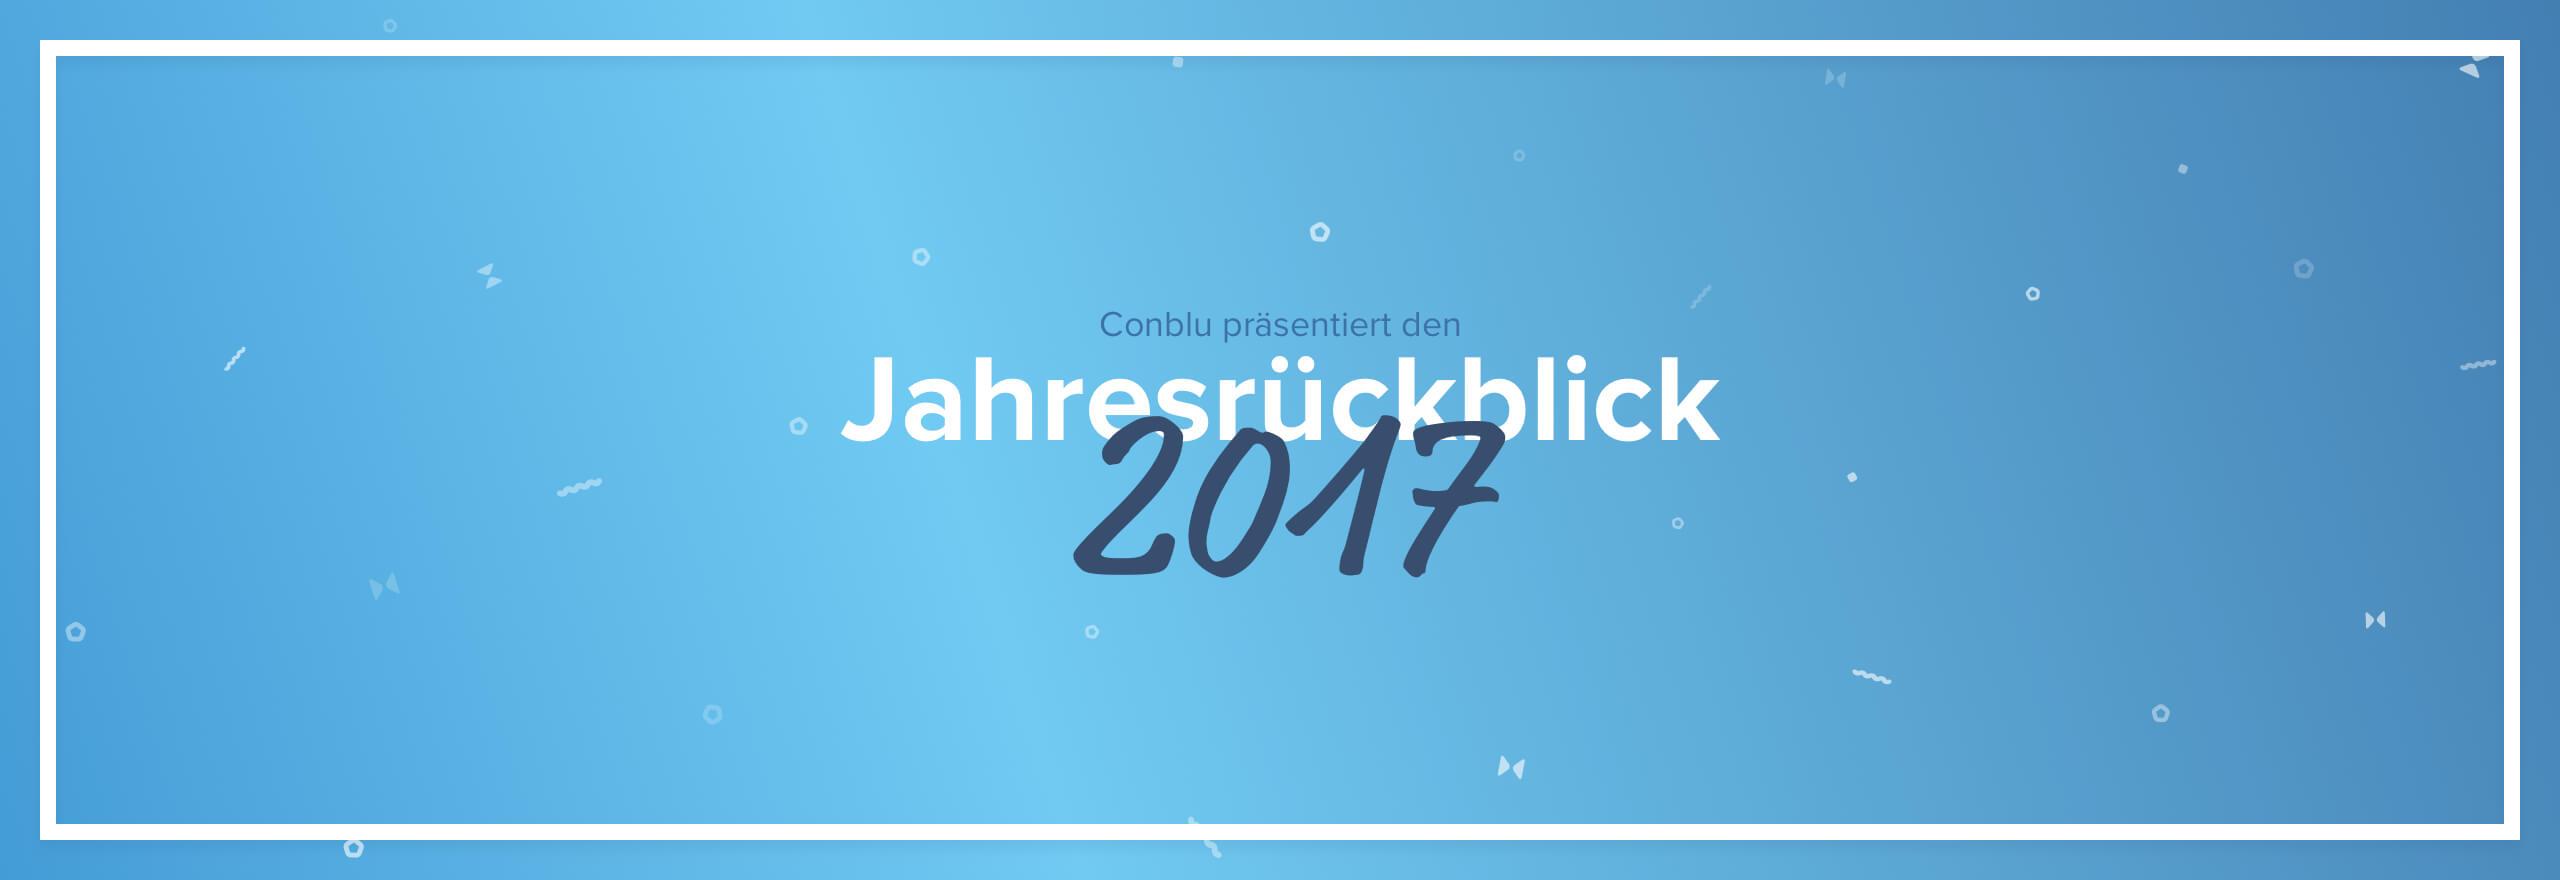 Conblu Jahresrückblick 2017